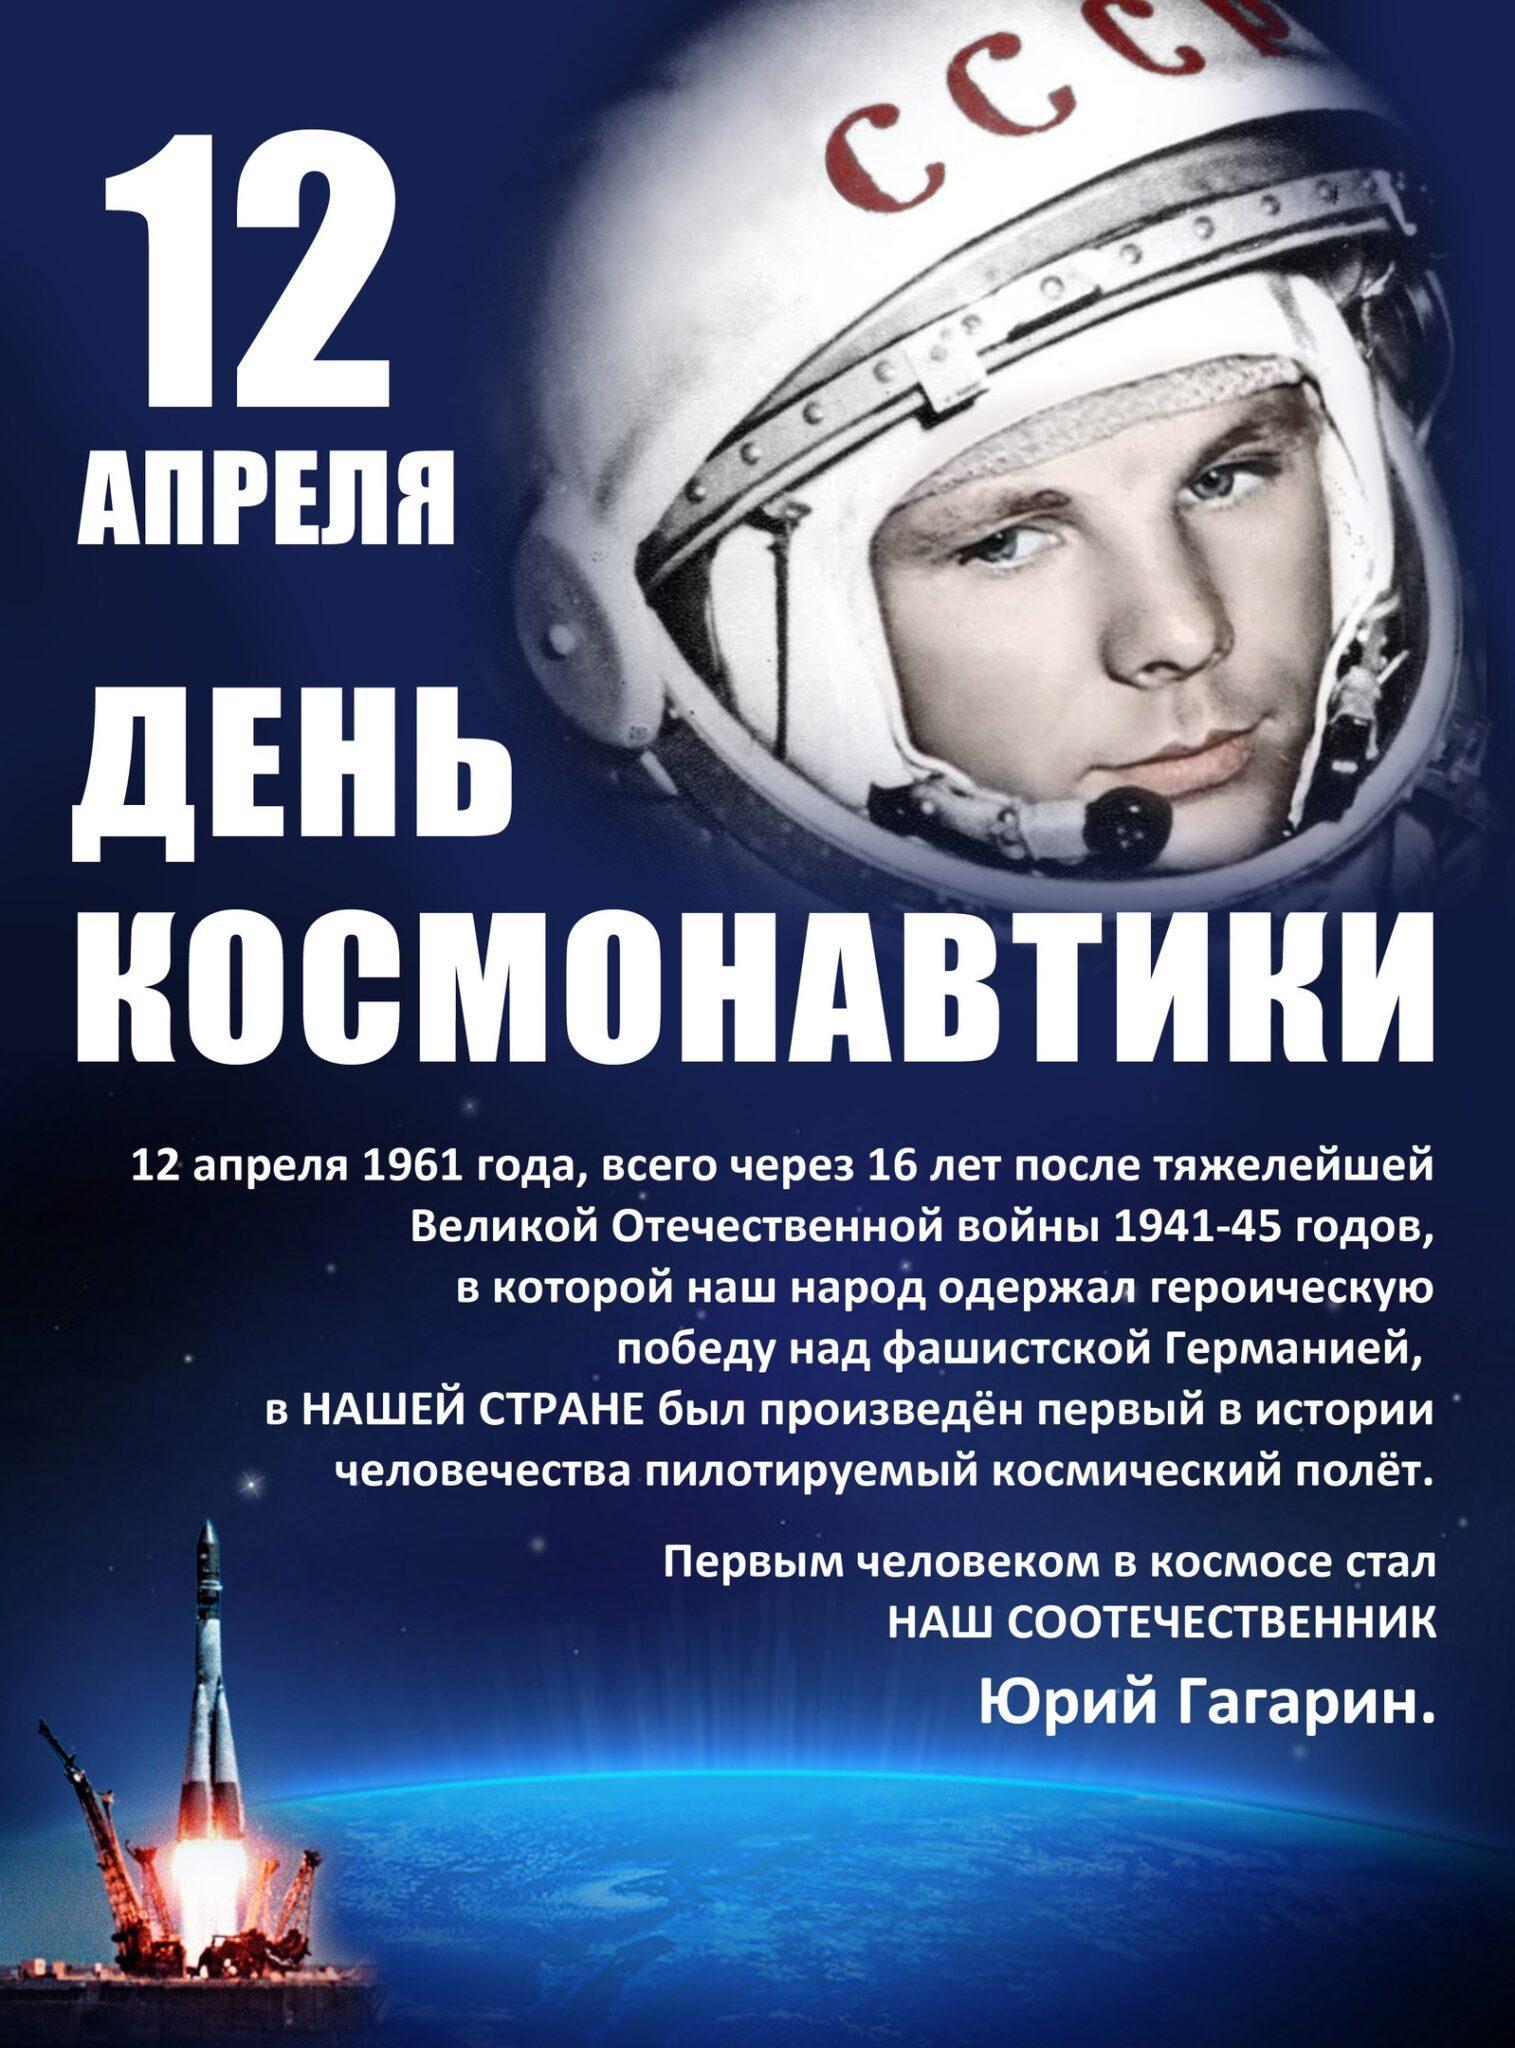 фото Открытки ко Дню космонавтики 12 апреля 12